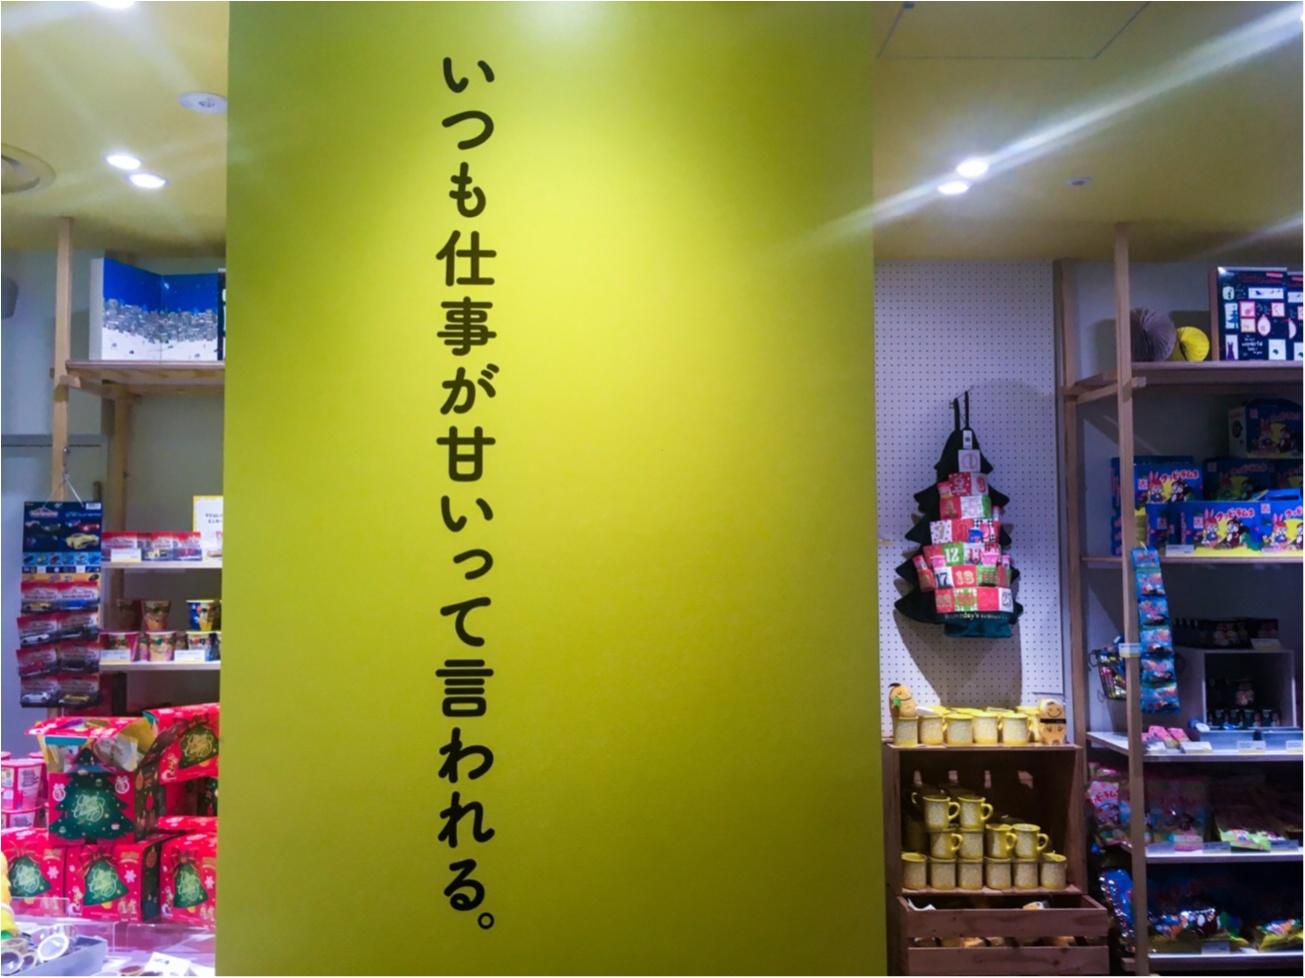 《ご当地/新宿》話題☆お菓子のワンダーランドが新宿に登場♡ あの有名お菓子がBIGサイズに!!_10